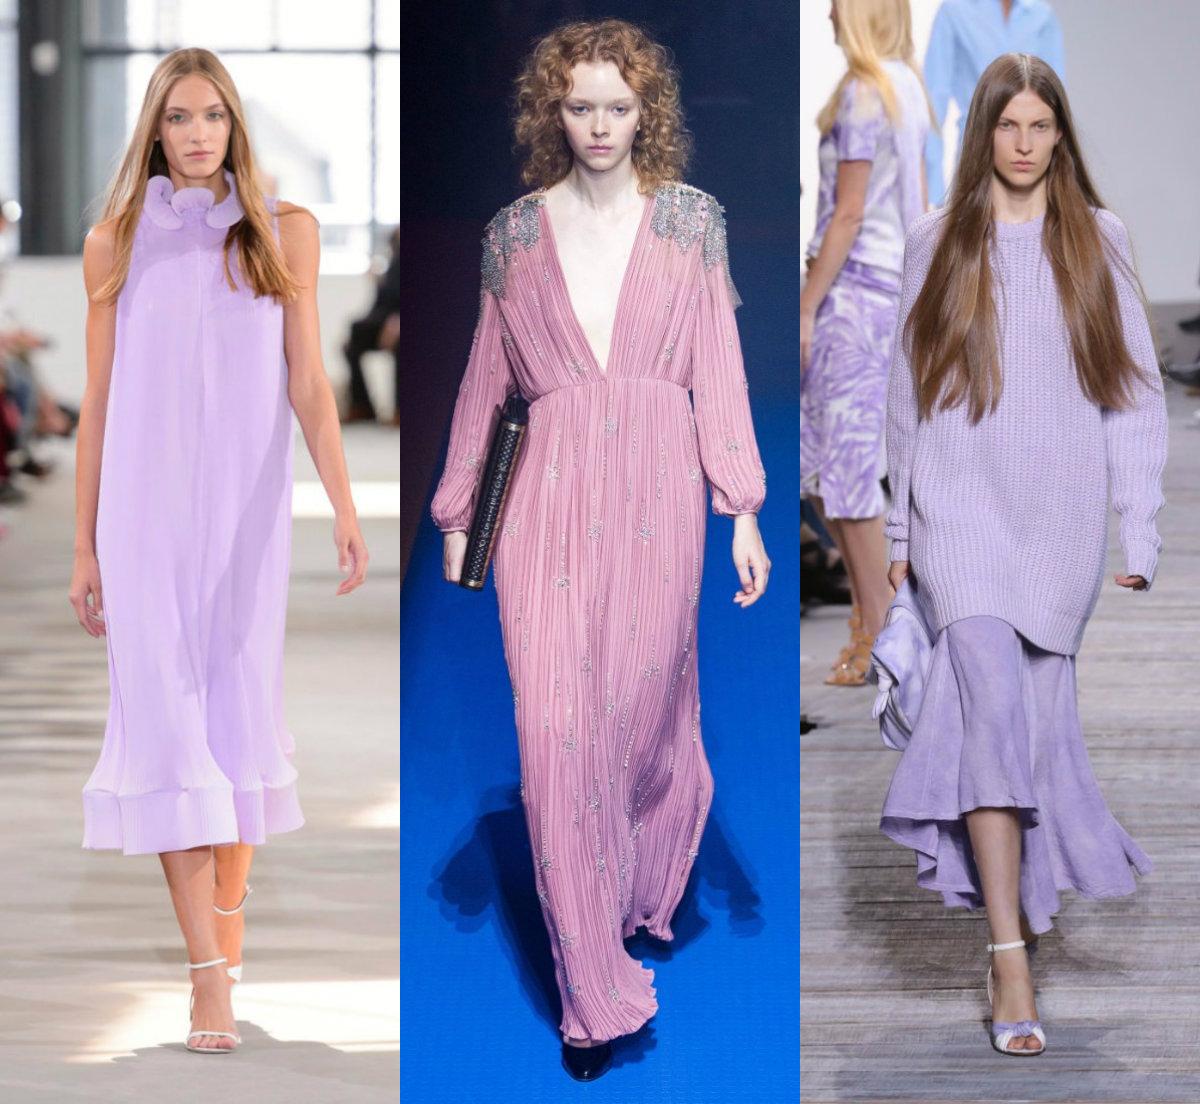 женская мода 2019 : лавандовый и розовый